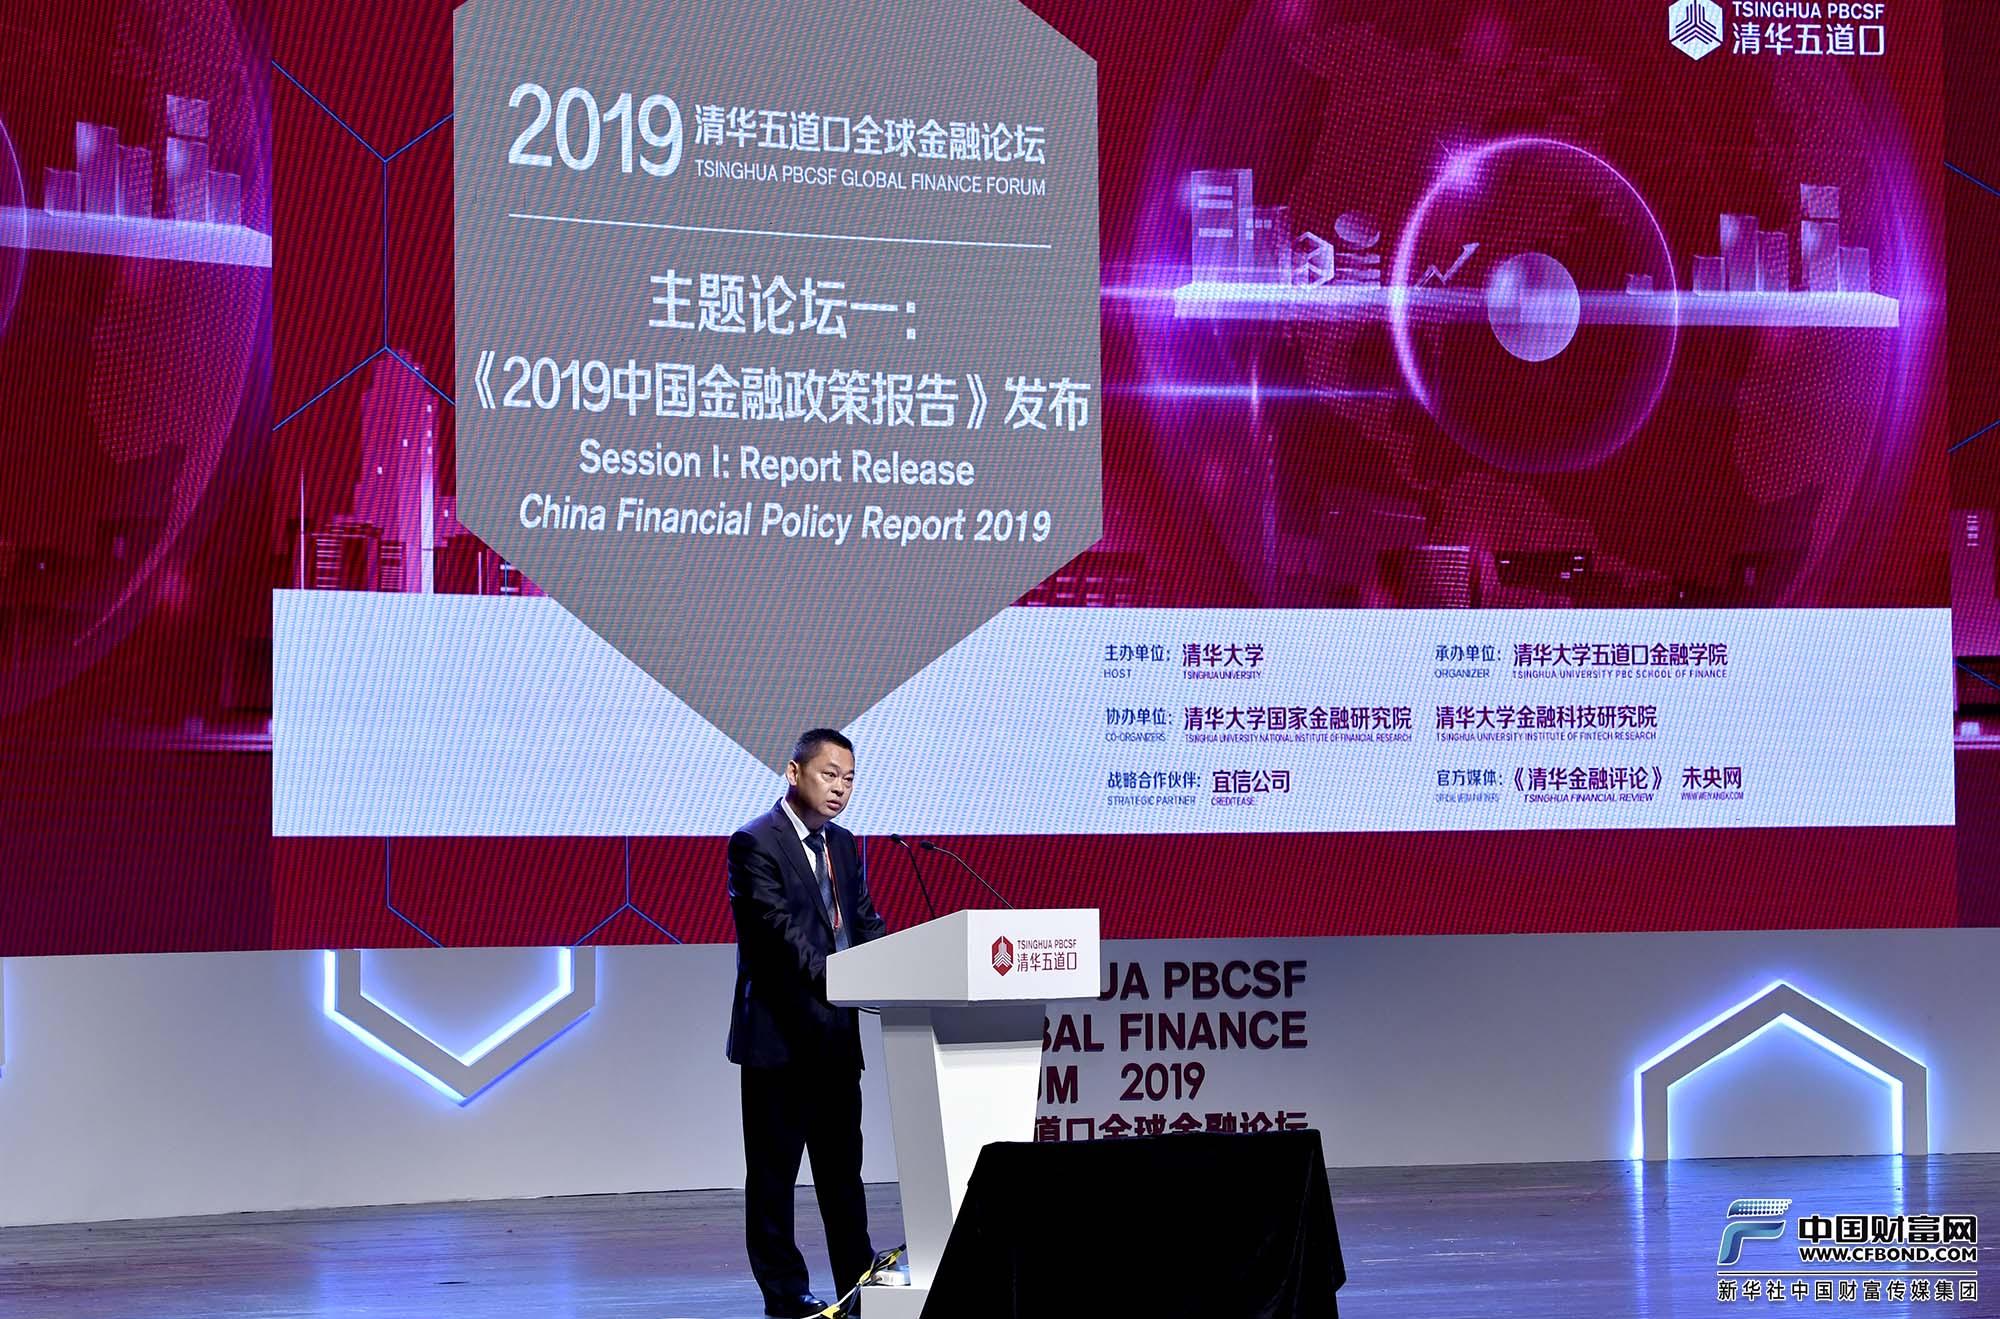 主题论坛一:《2019中国金融政策报告》